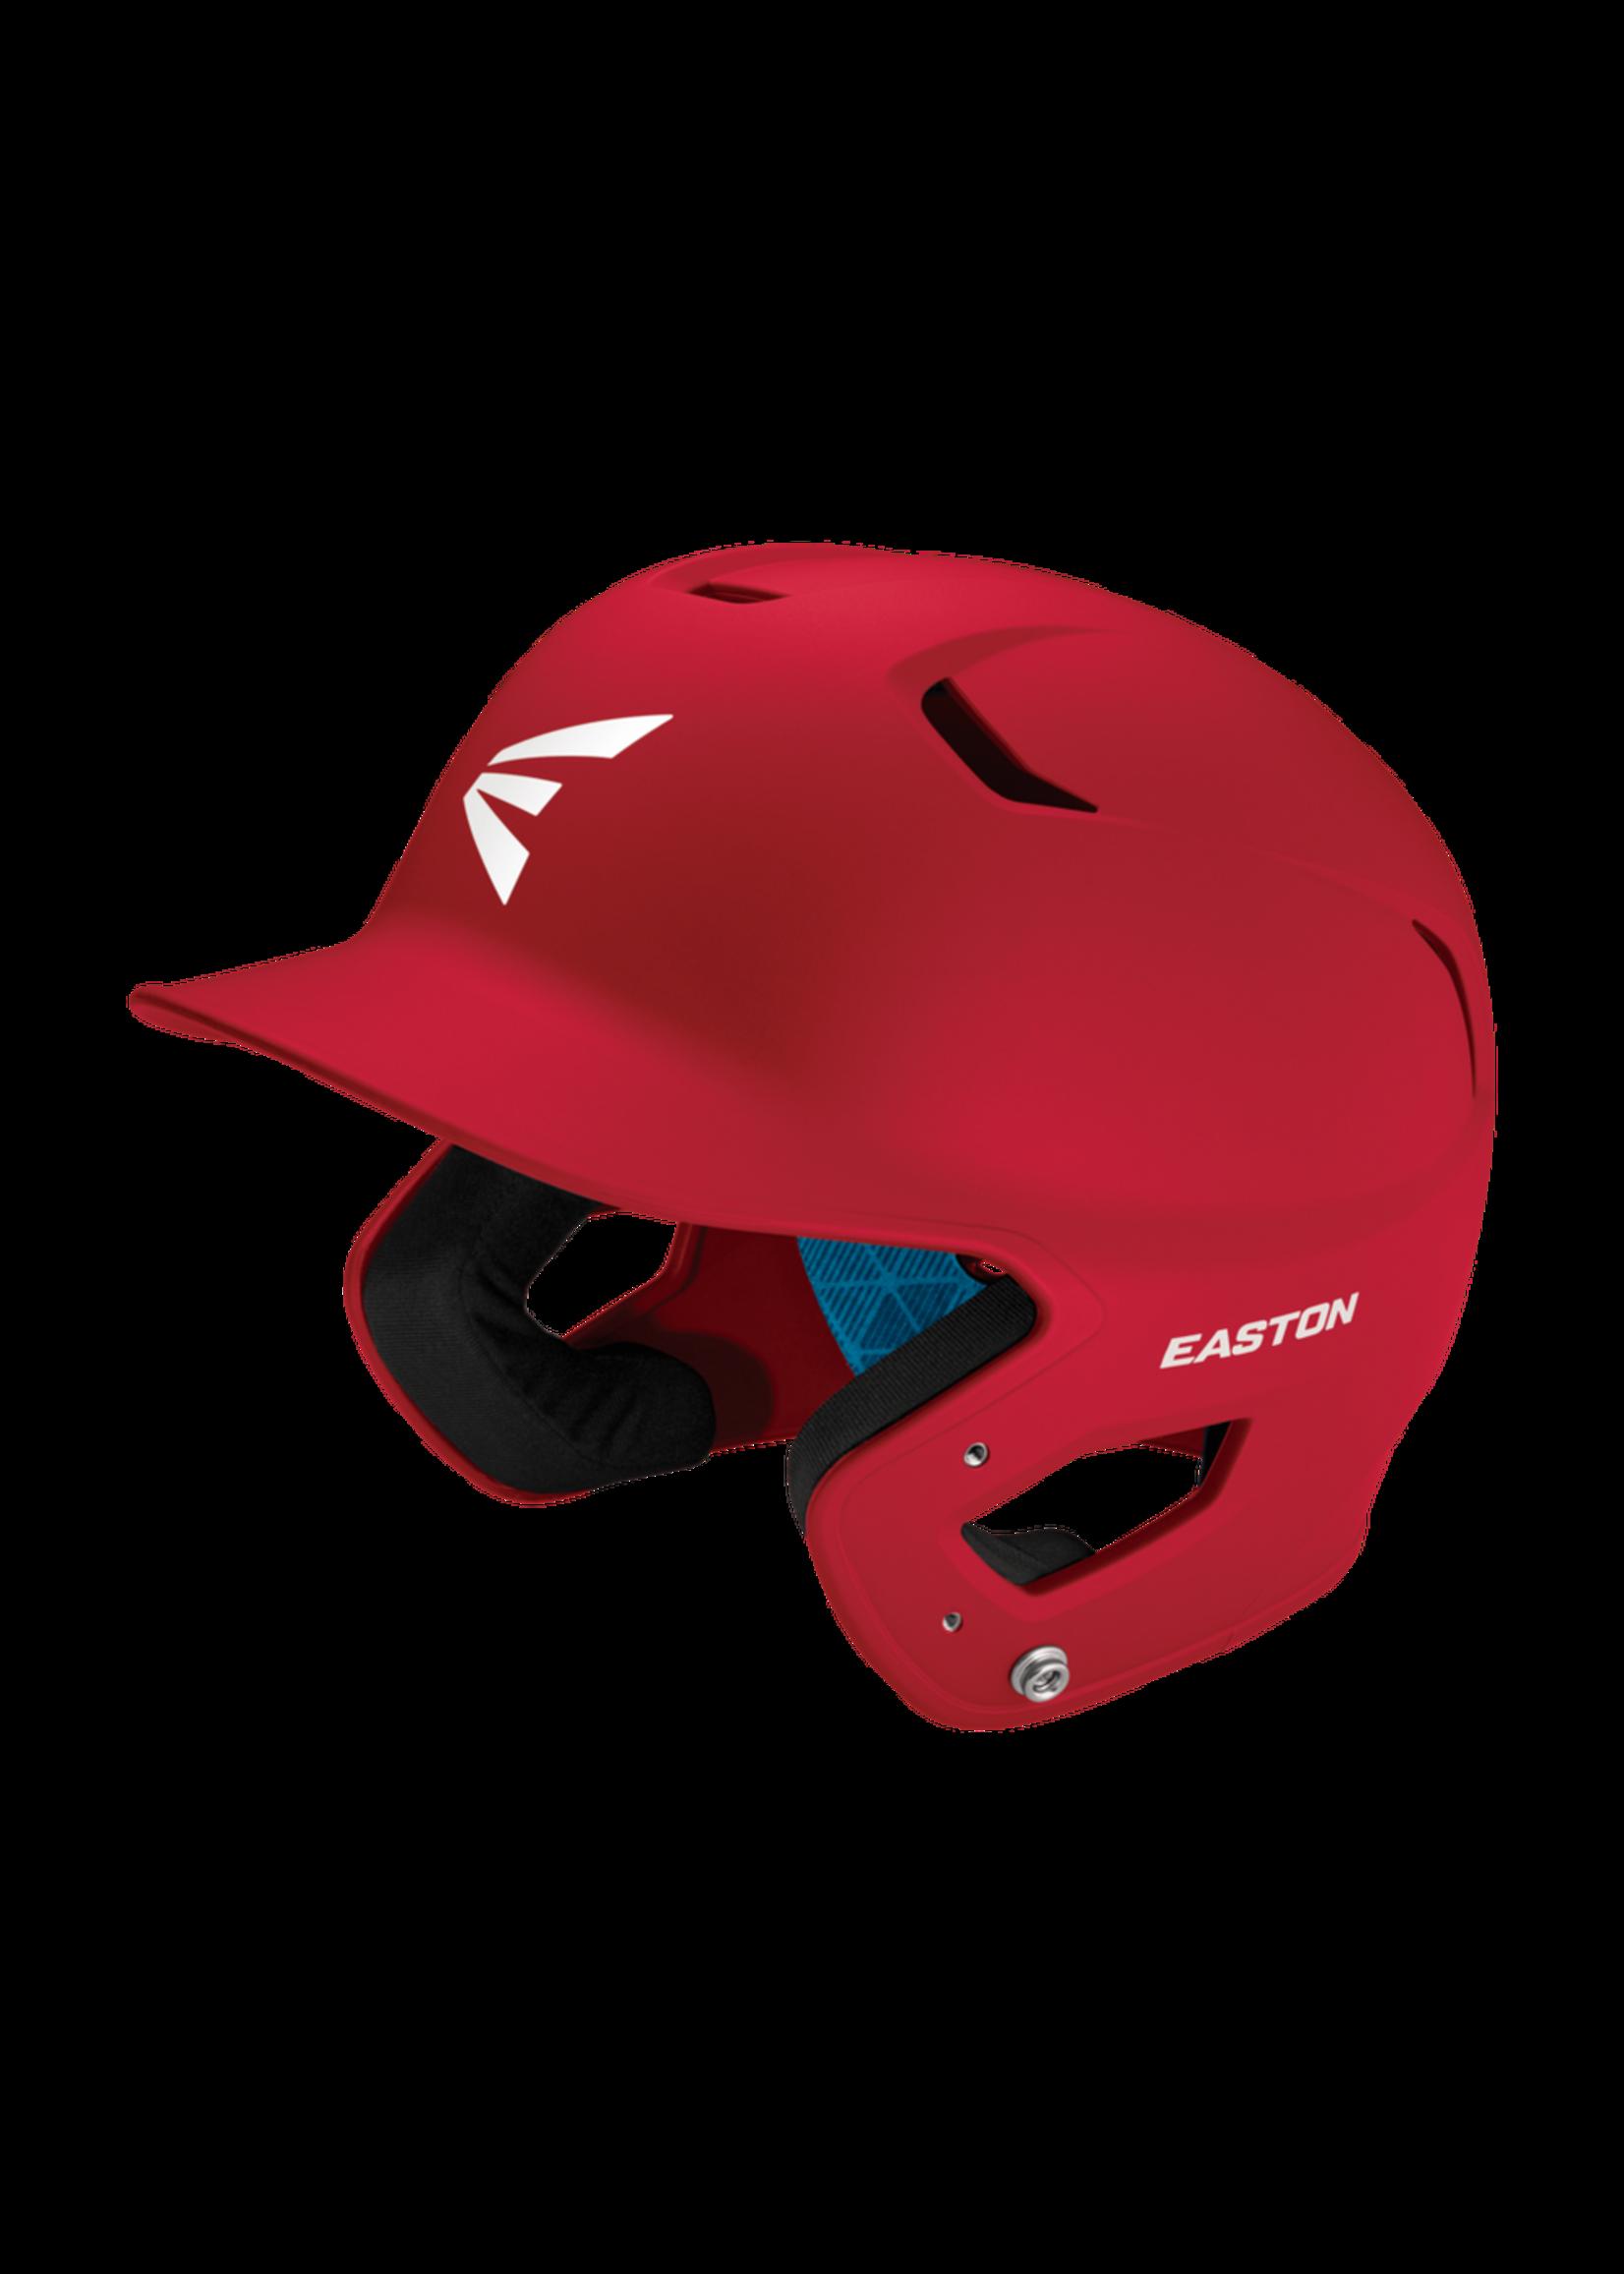 Easton Baseball (Canada) EASTON Z5 2.0 CASQUE